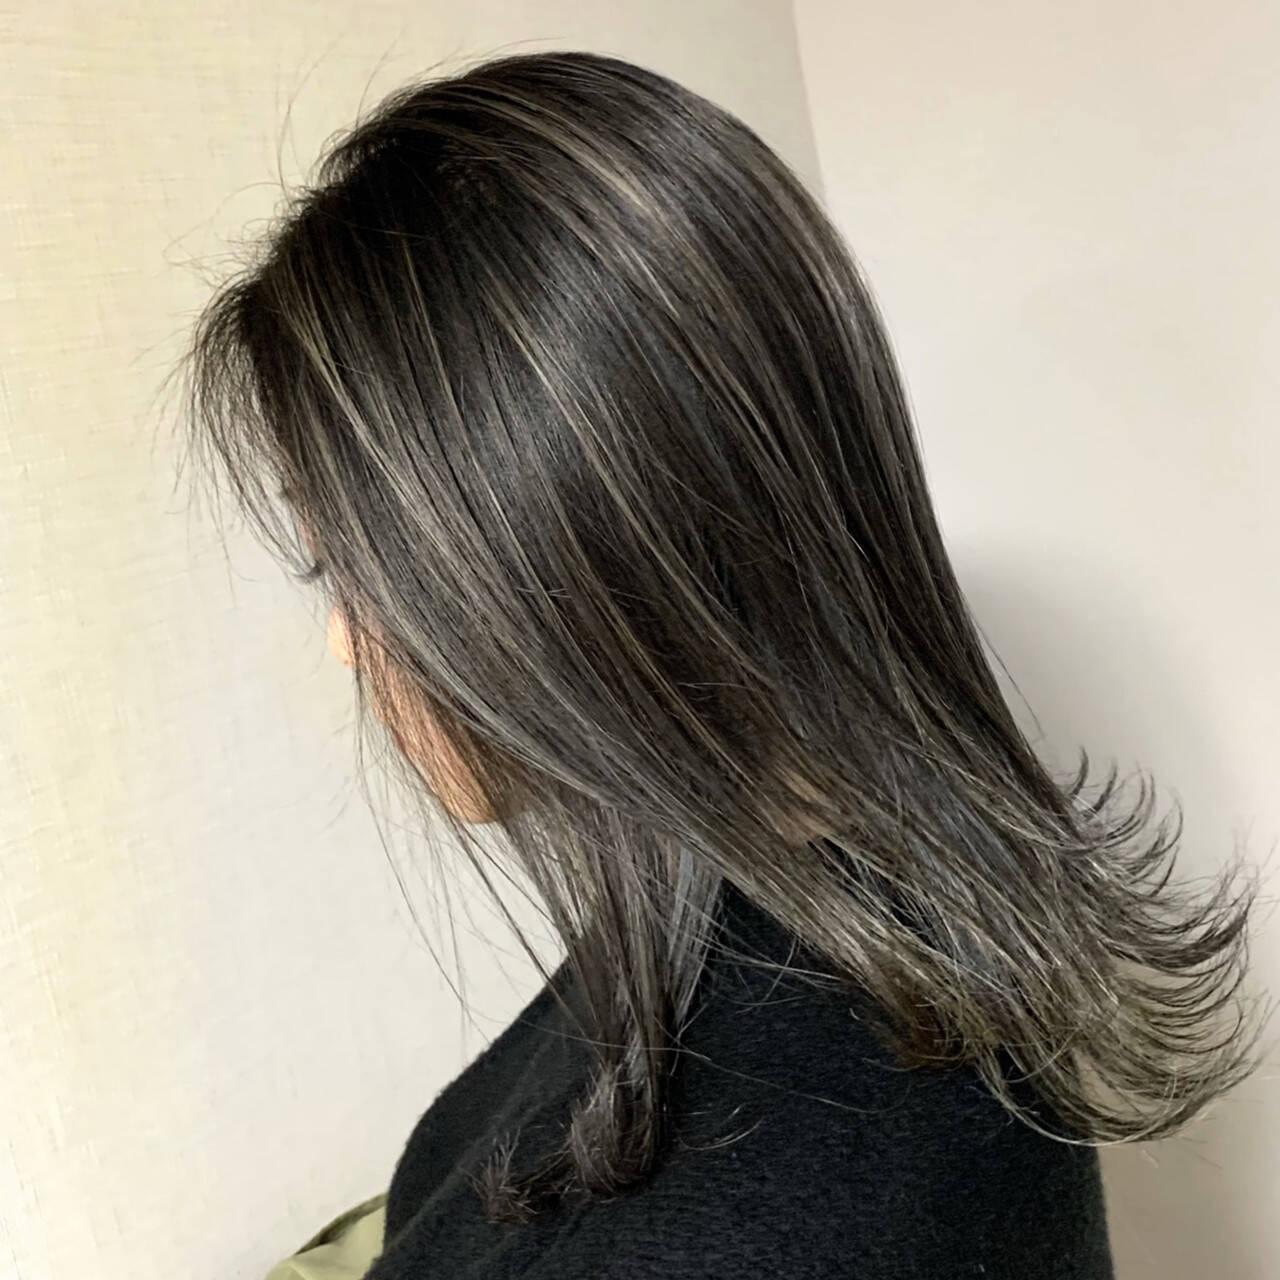 ミディアム グラデーションカラー ナチュラル ハイライトヘアスタイルや髪型の写真・画像